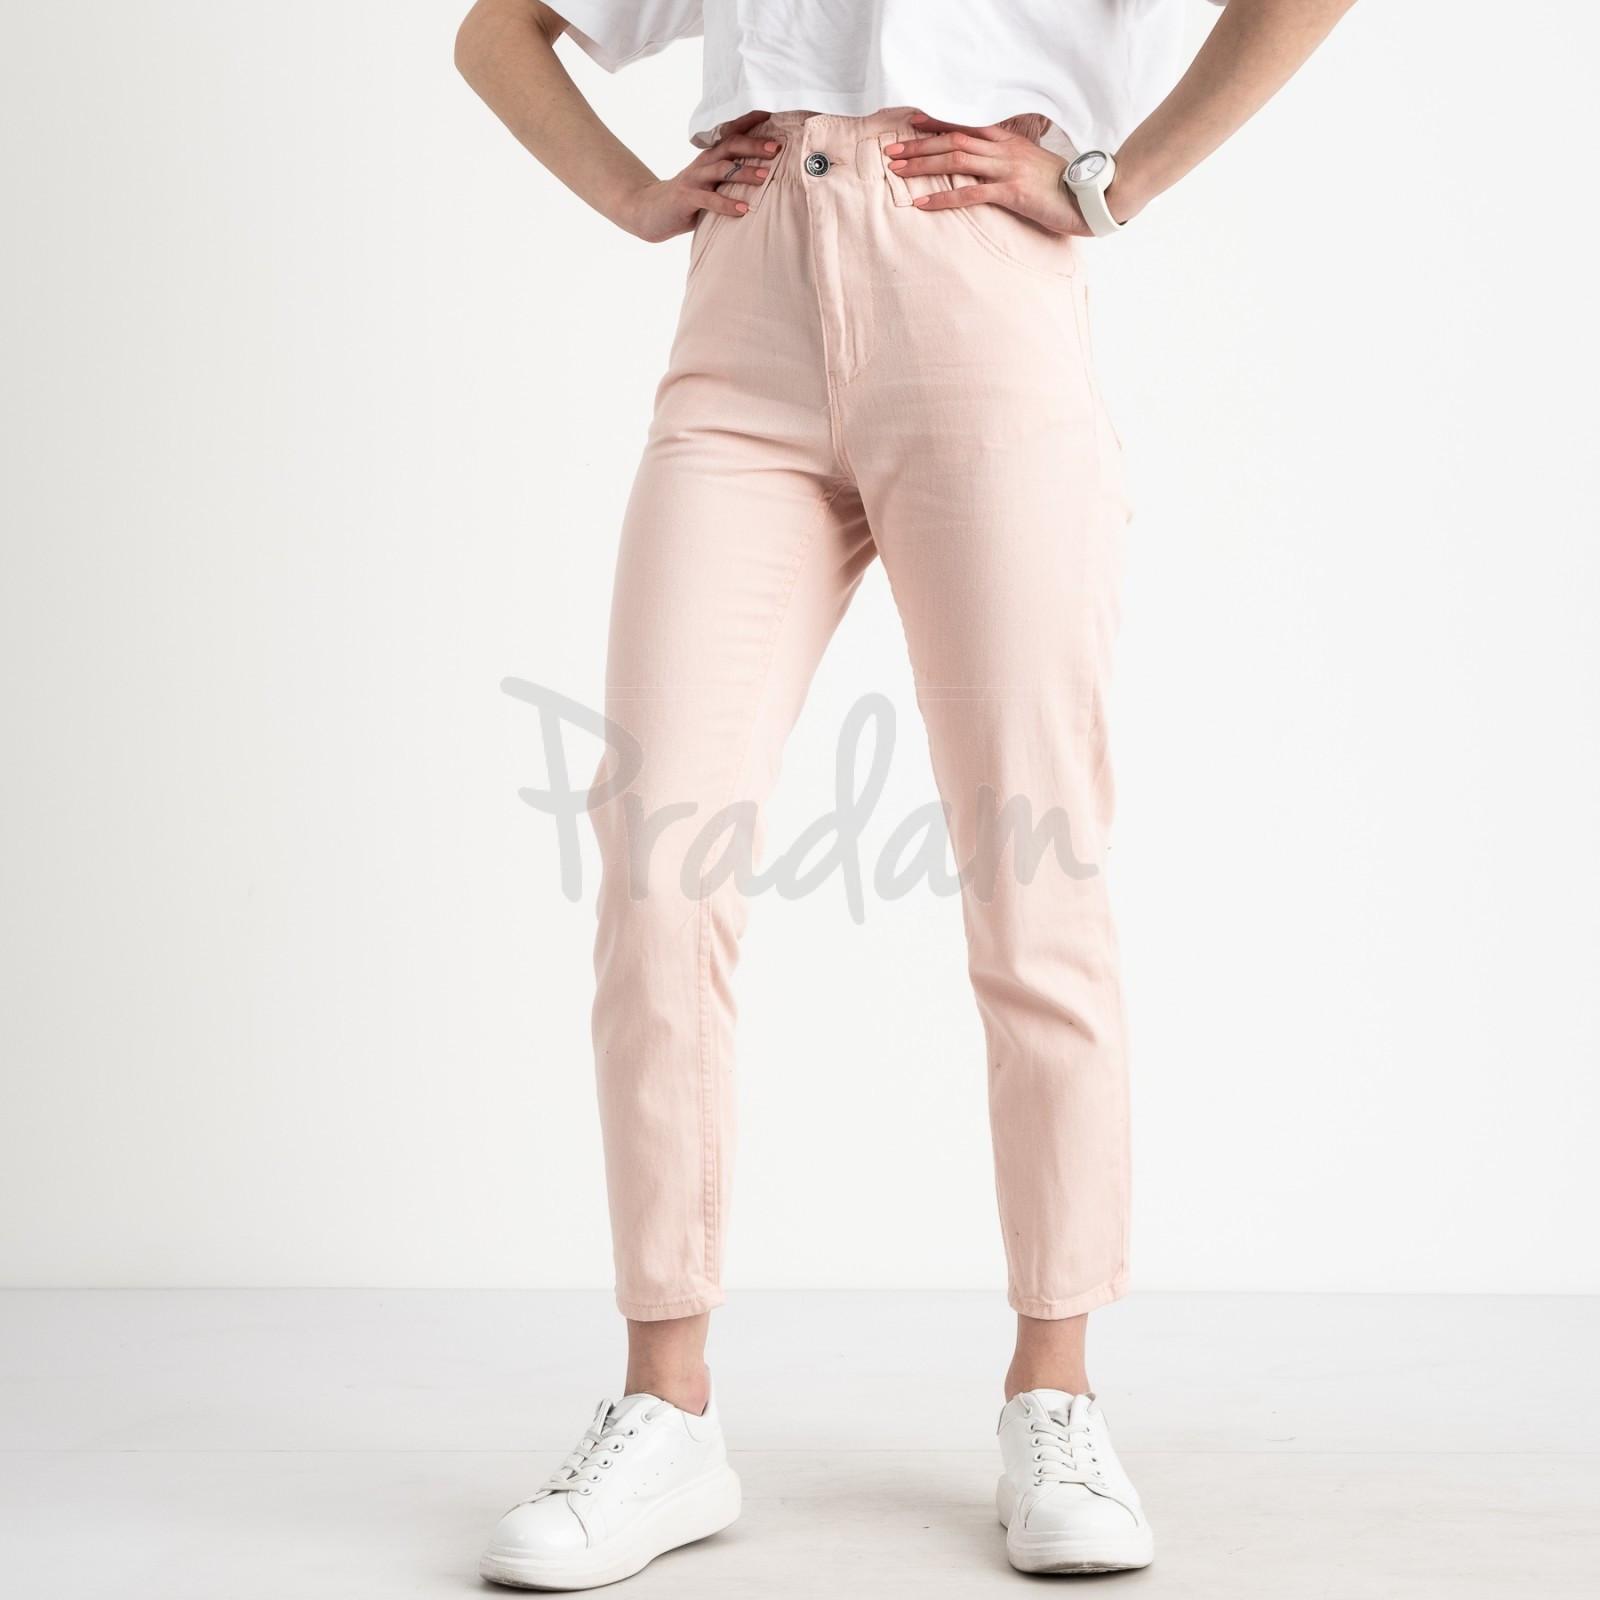 0284-2 Newourcer джинсы женские розовые стрейчевые ( 6 ед. размеры: 26.27.28.29.30.31)